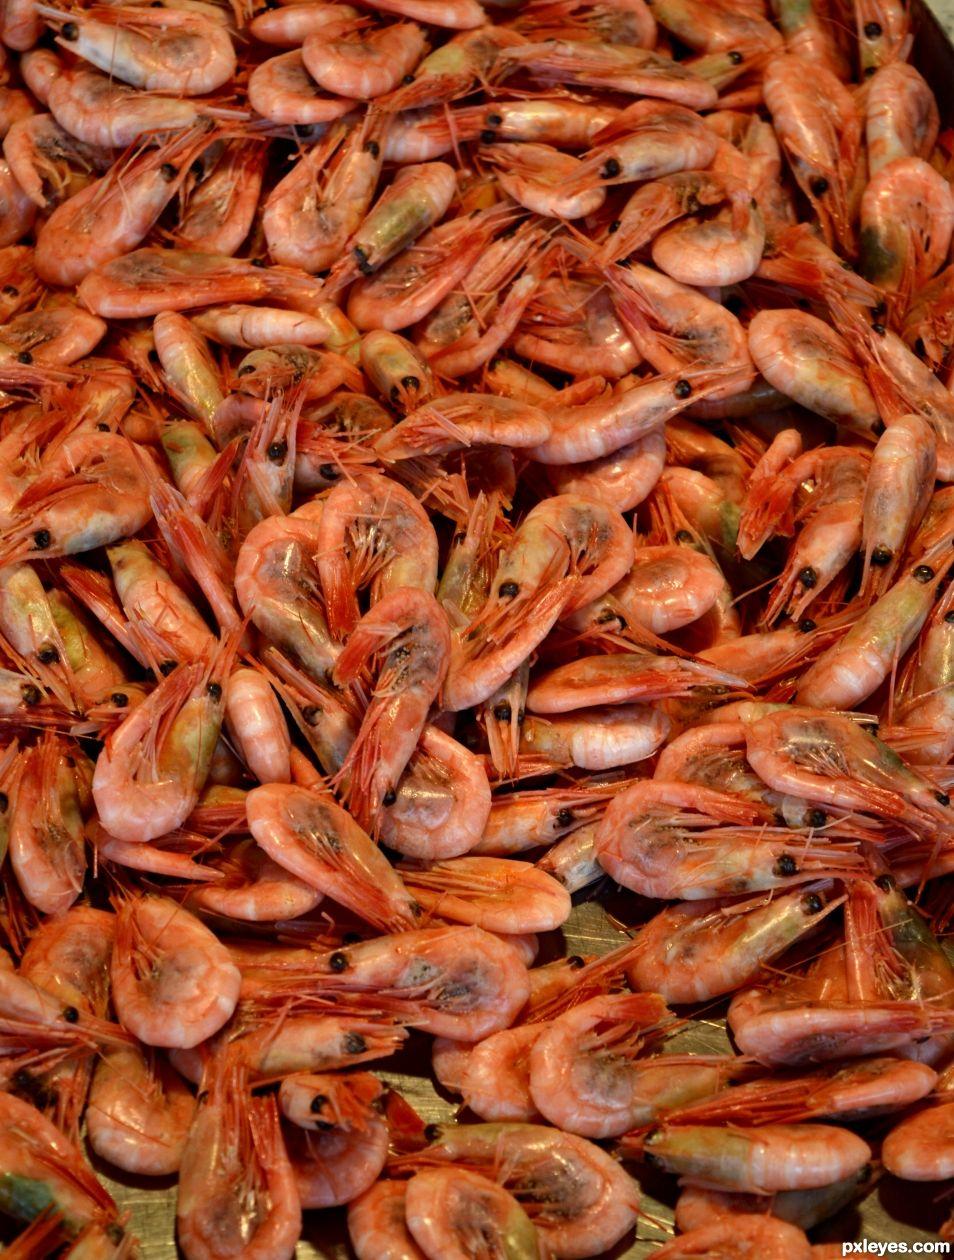 Anyone for shrimp